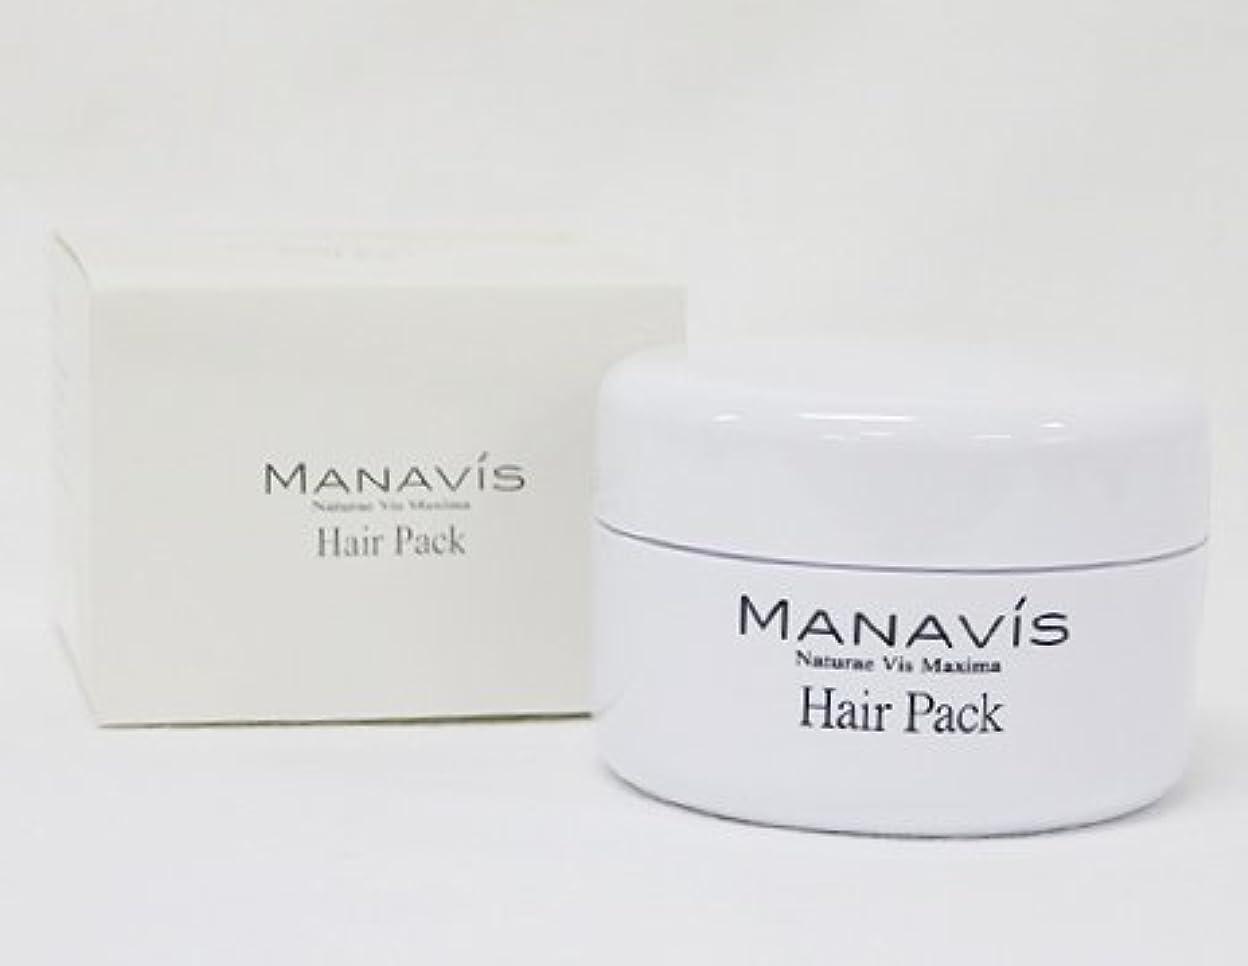 届ける詩差し迫ったMANAVIS マナビス化粧品 マナビス ヘアパック  (洗い流すタイプ)